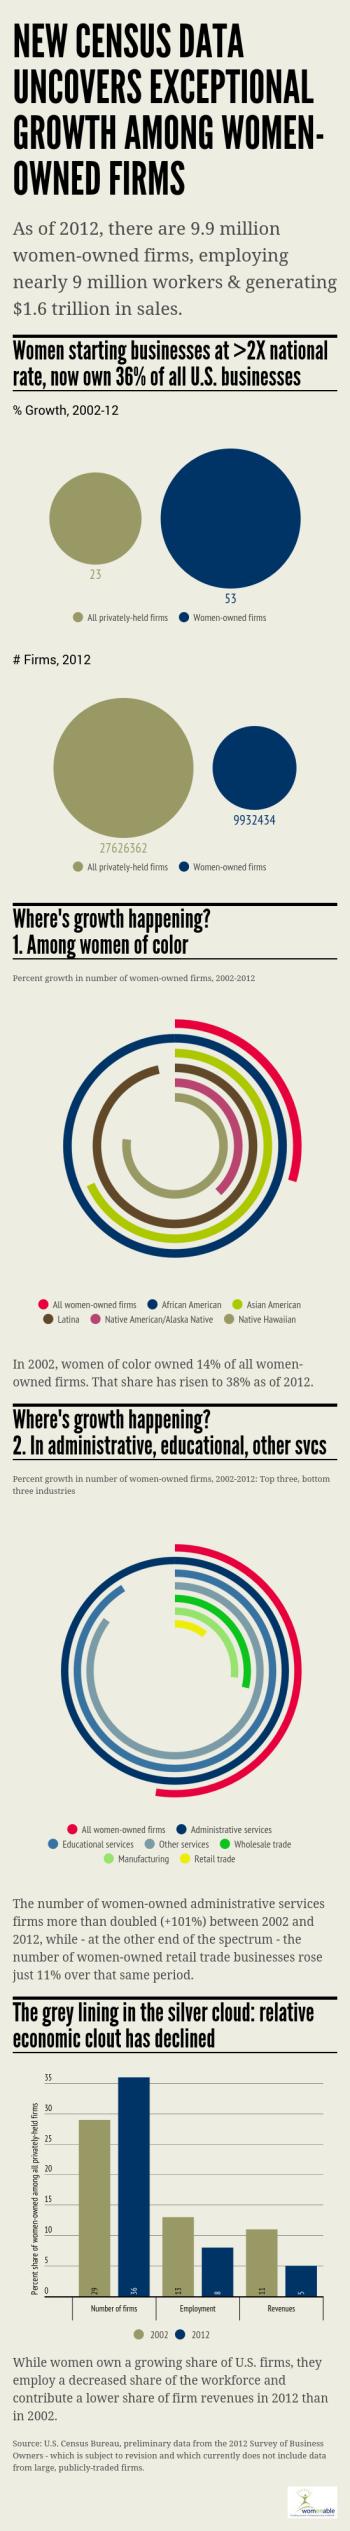 SBO_infographic1